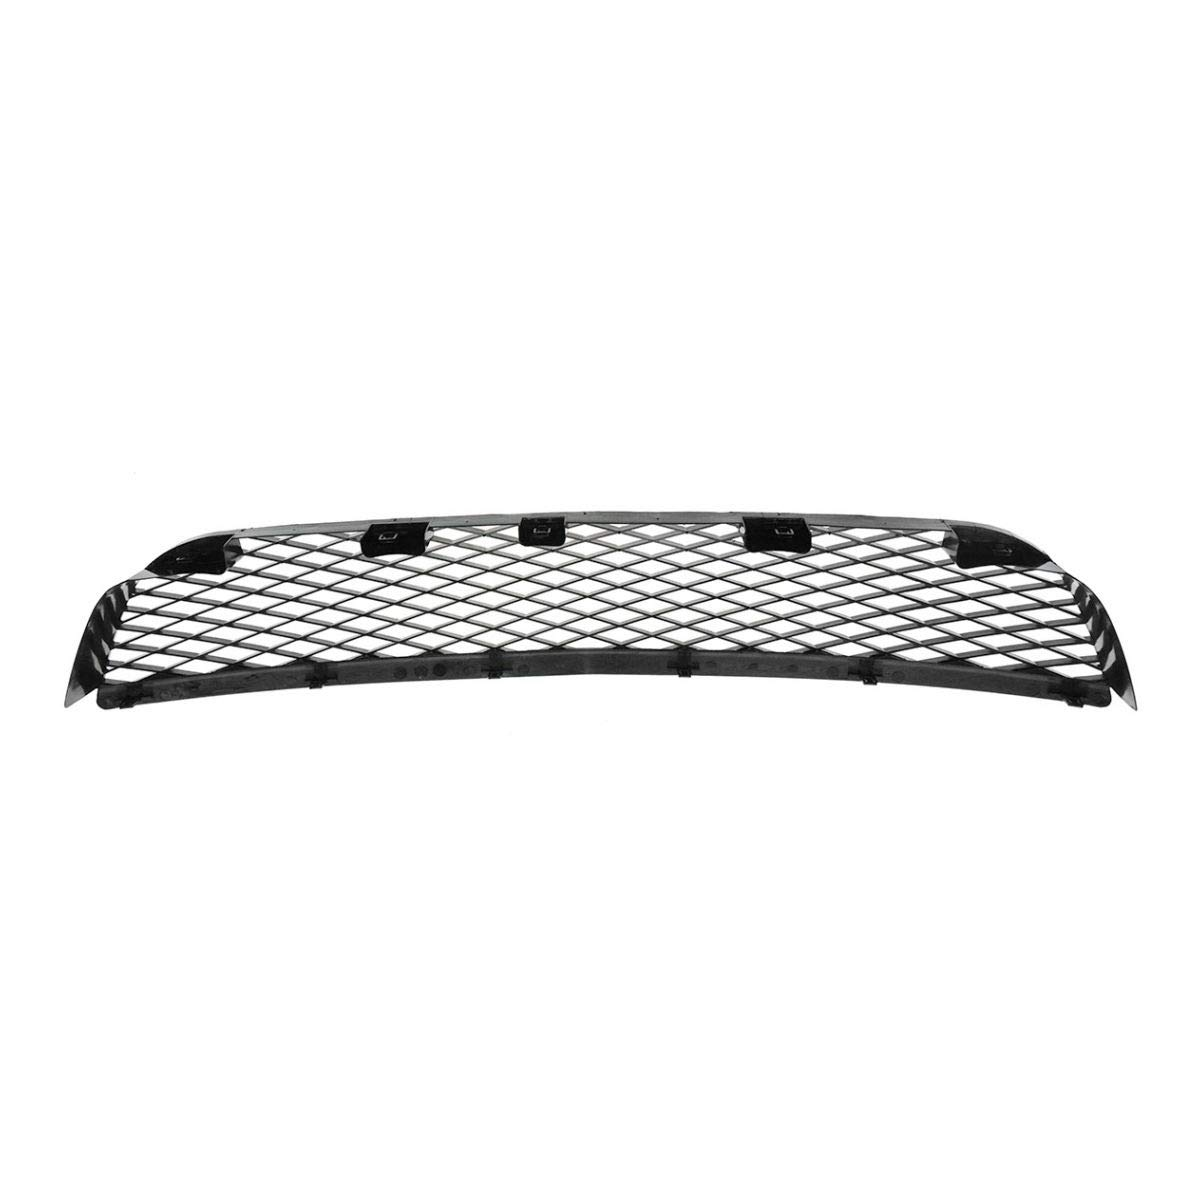 Grille Lower Bumper Black Mesh Insert for 04-06 Mazda 3 Sport Sedan